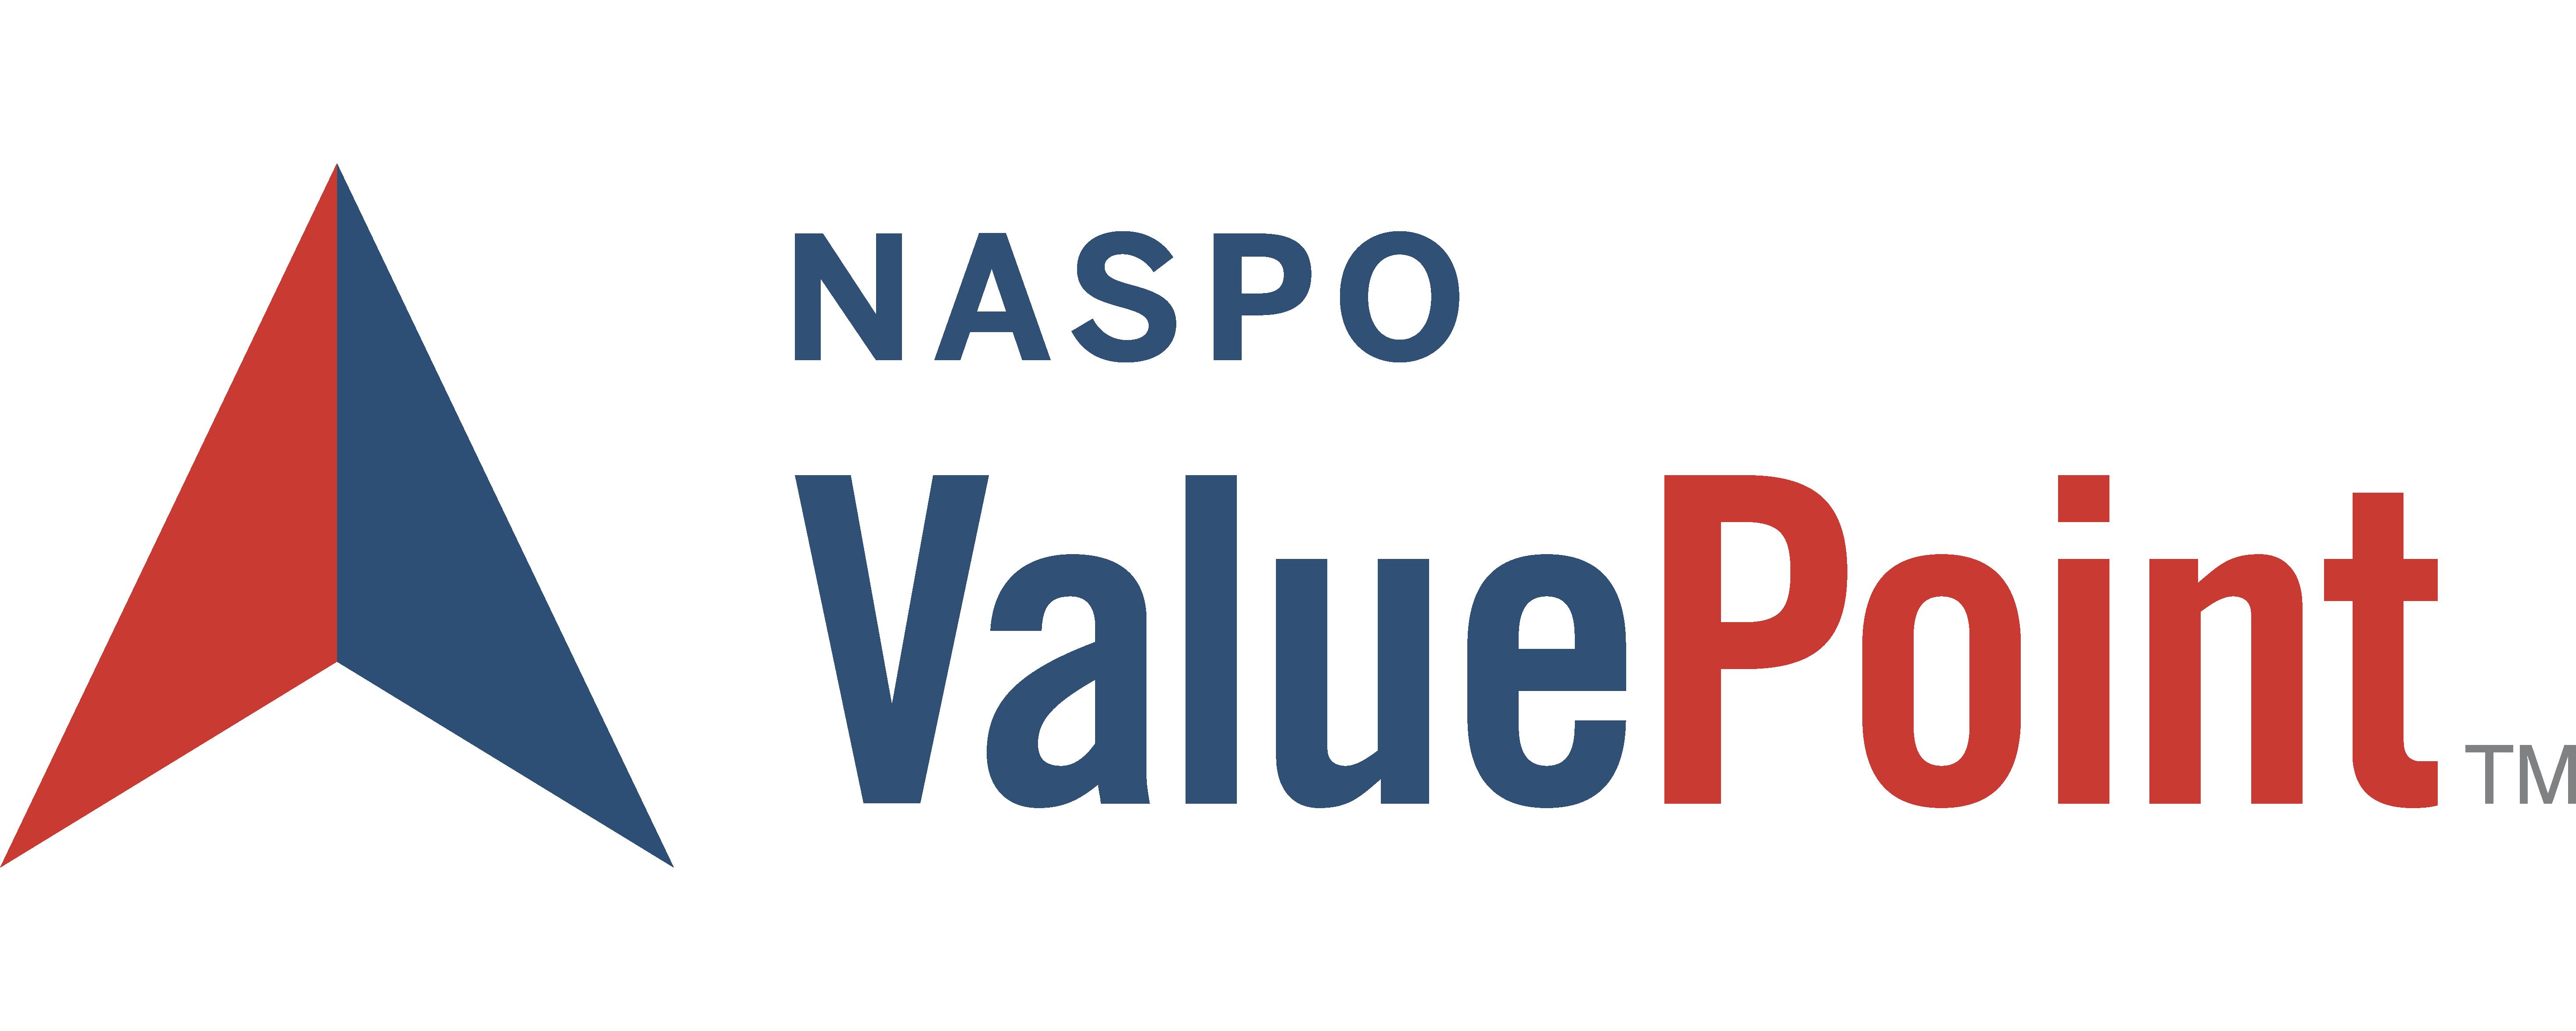 NASPO ValuePoint Logo 2019 3